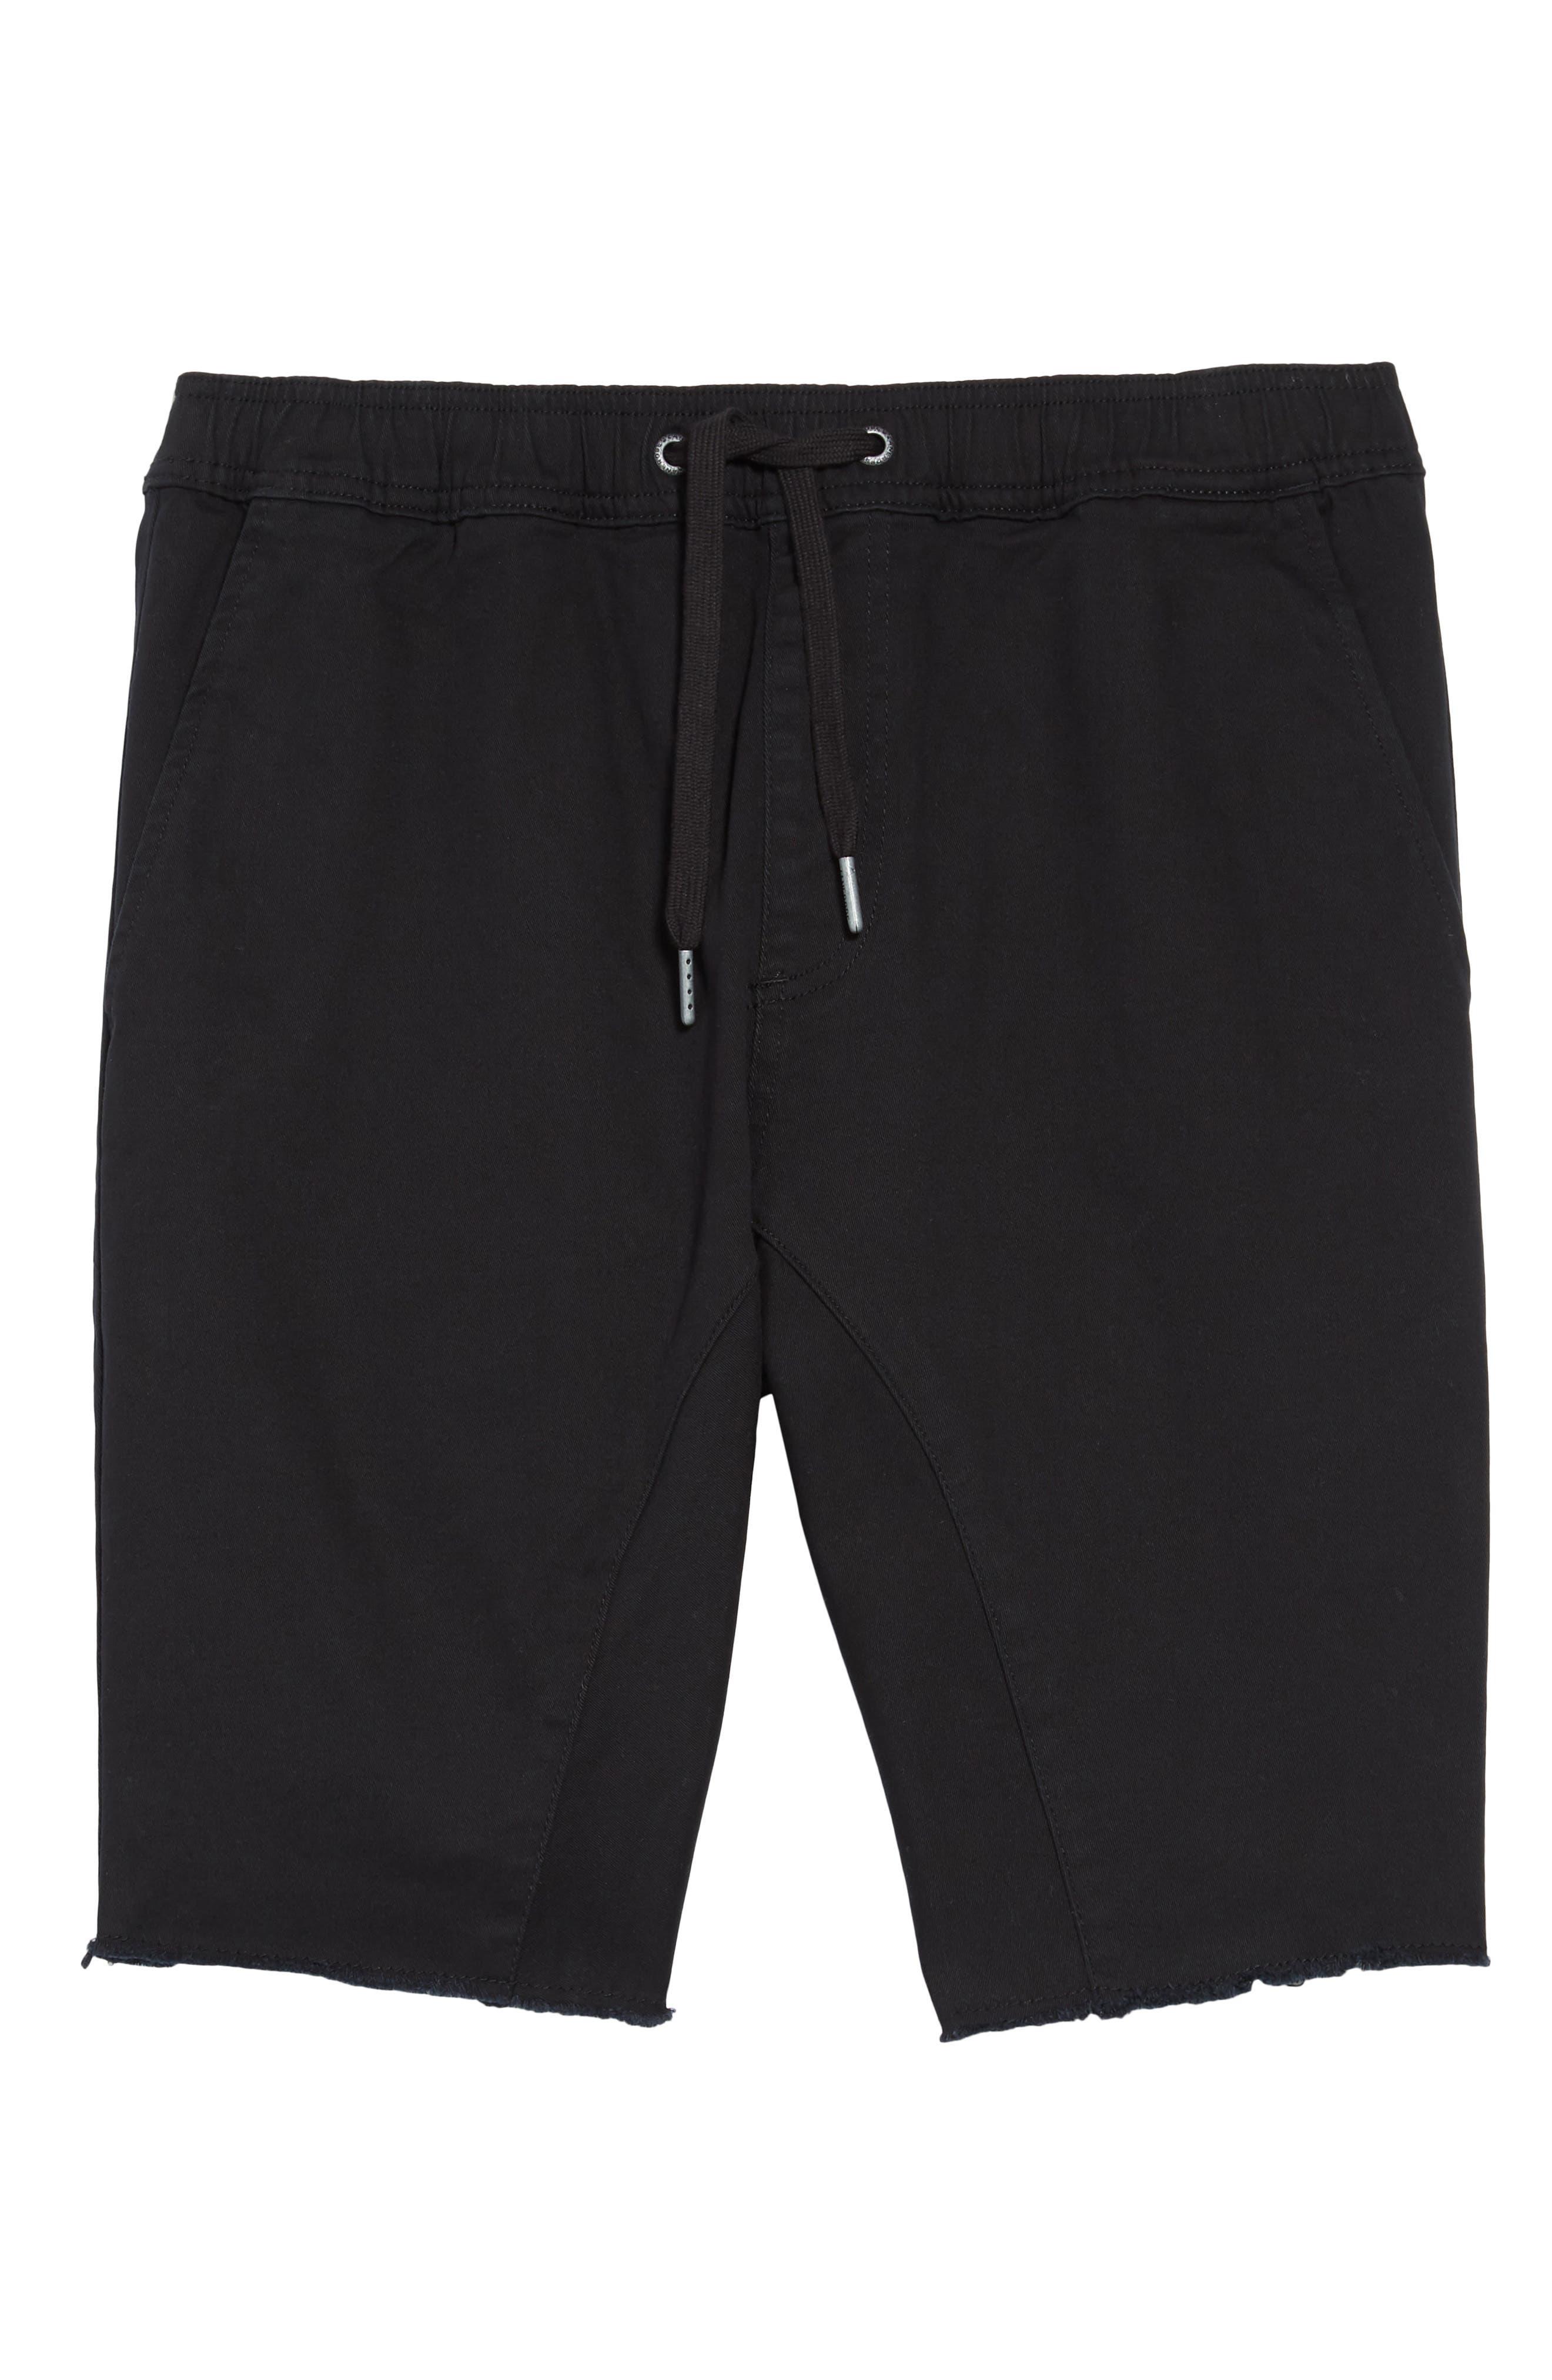 'Sureshot' Shorts,                         Main,                         color, BLACK